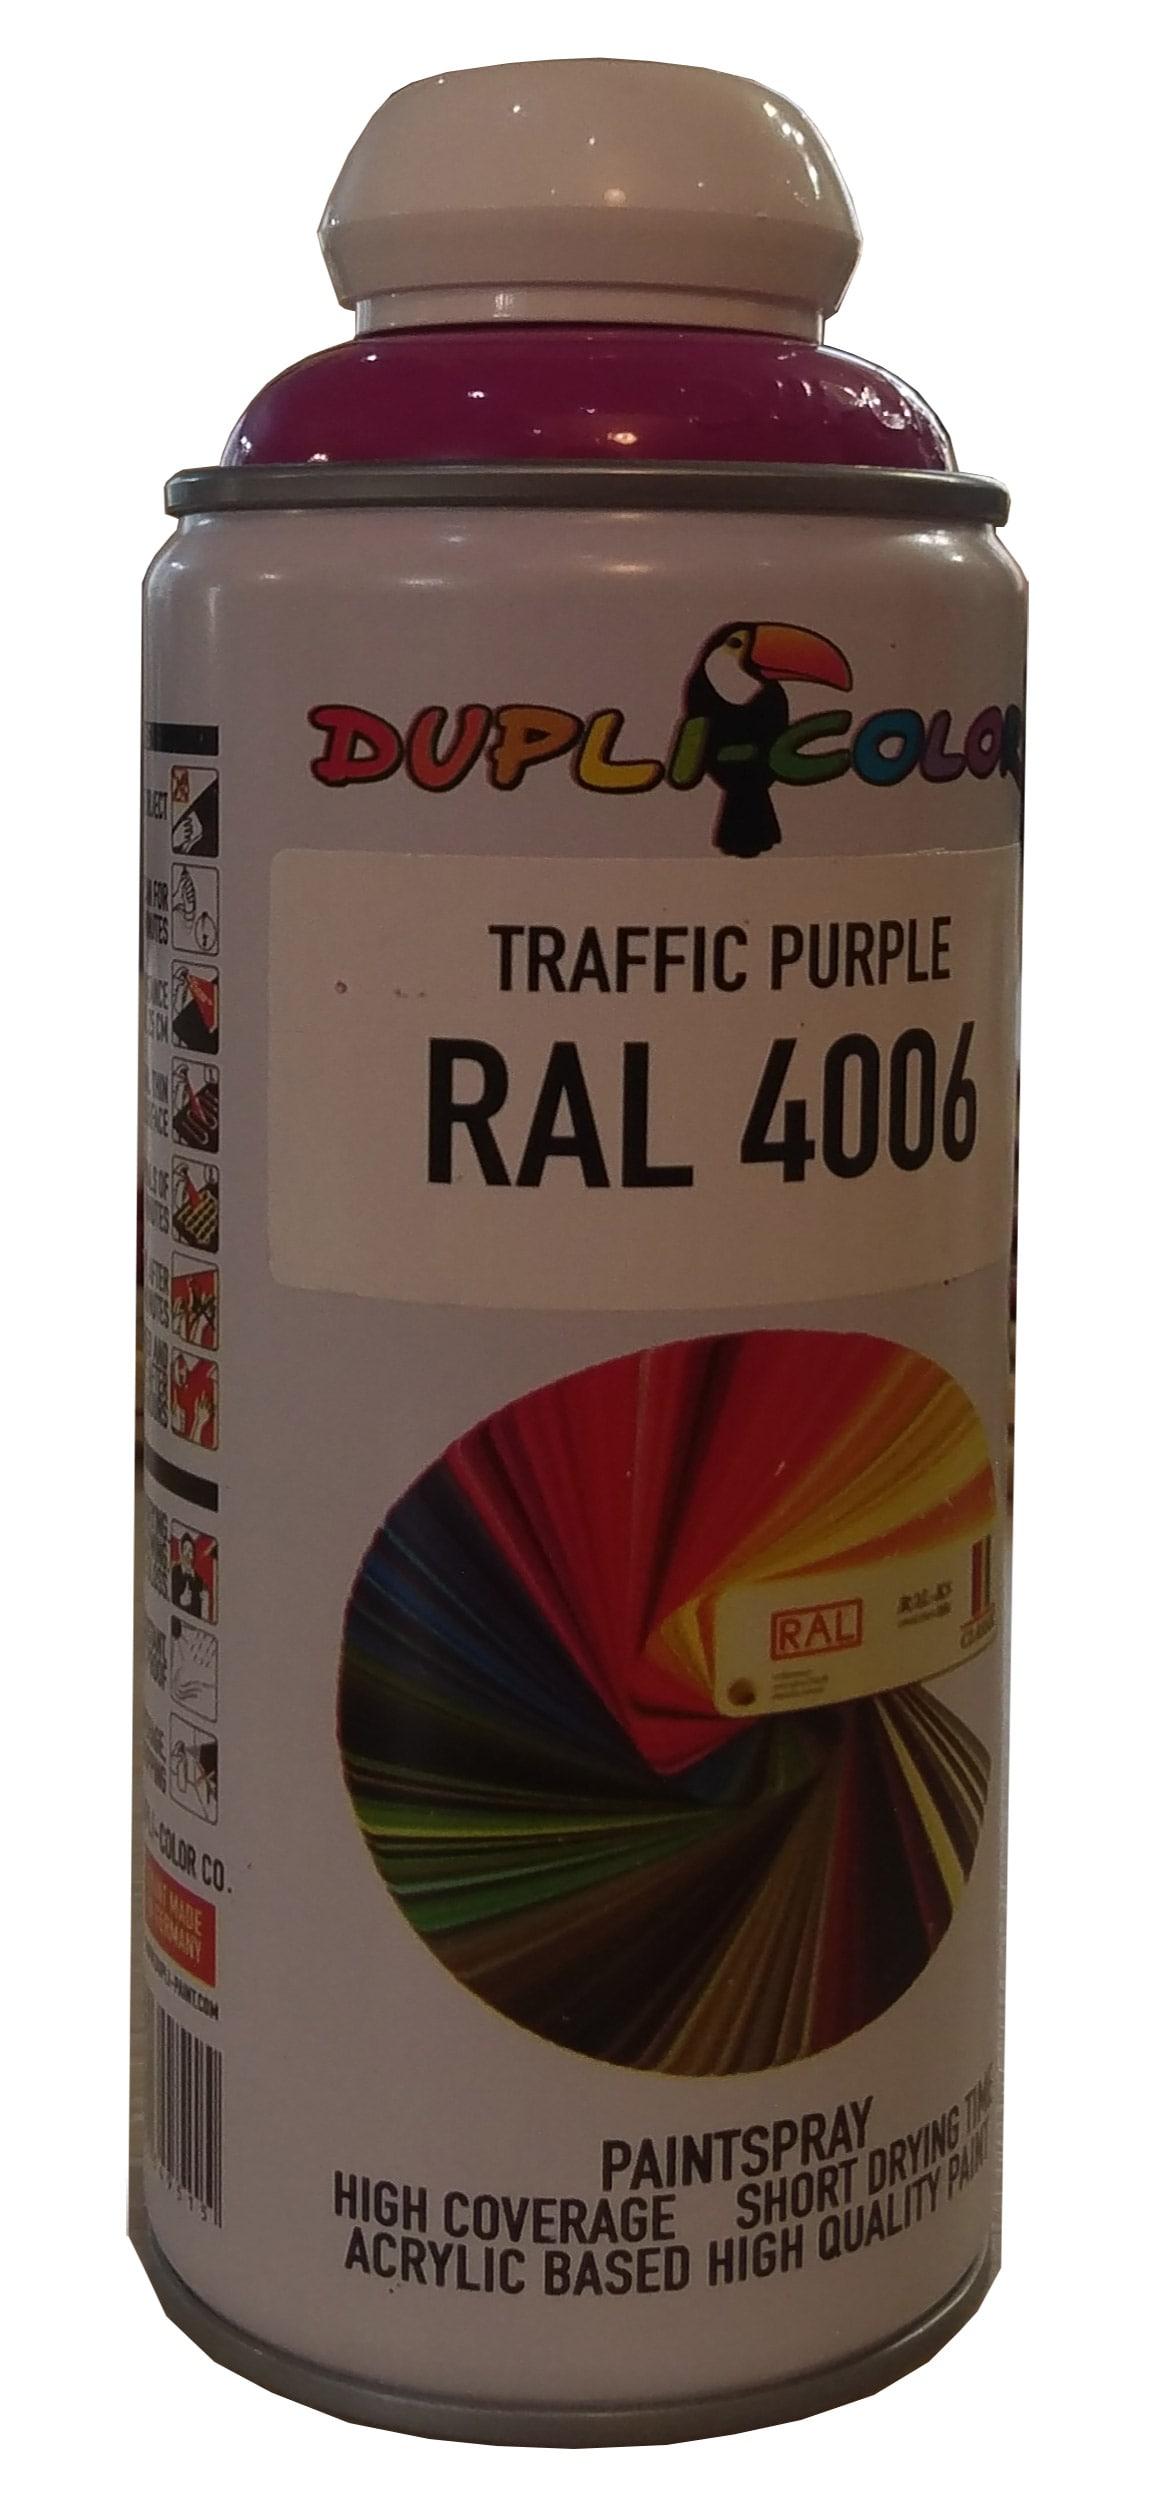 اسپری رنگ بنفش ترافیکی رال 4006